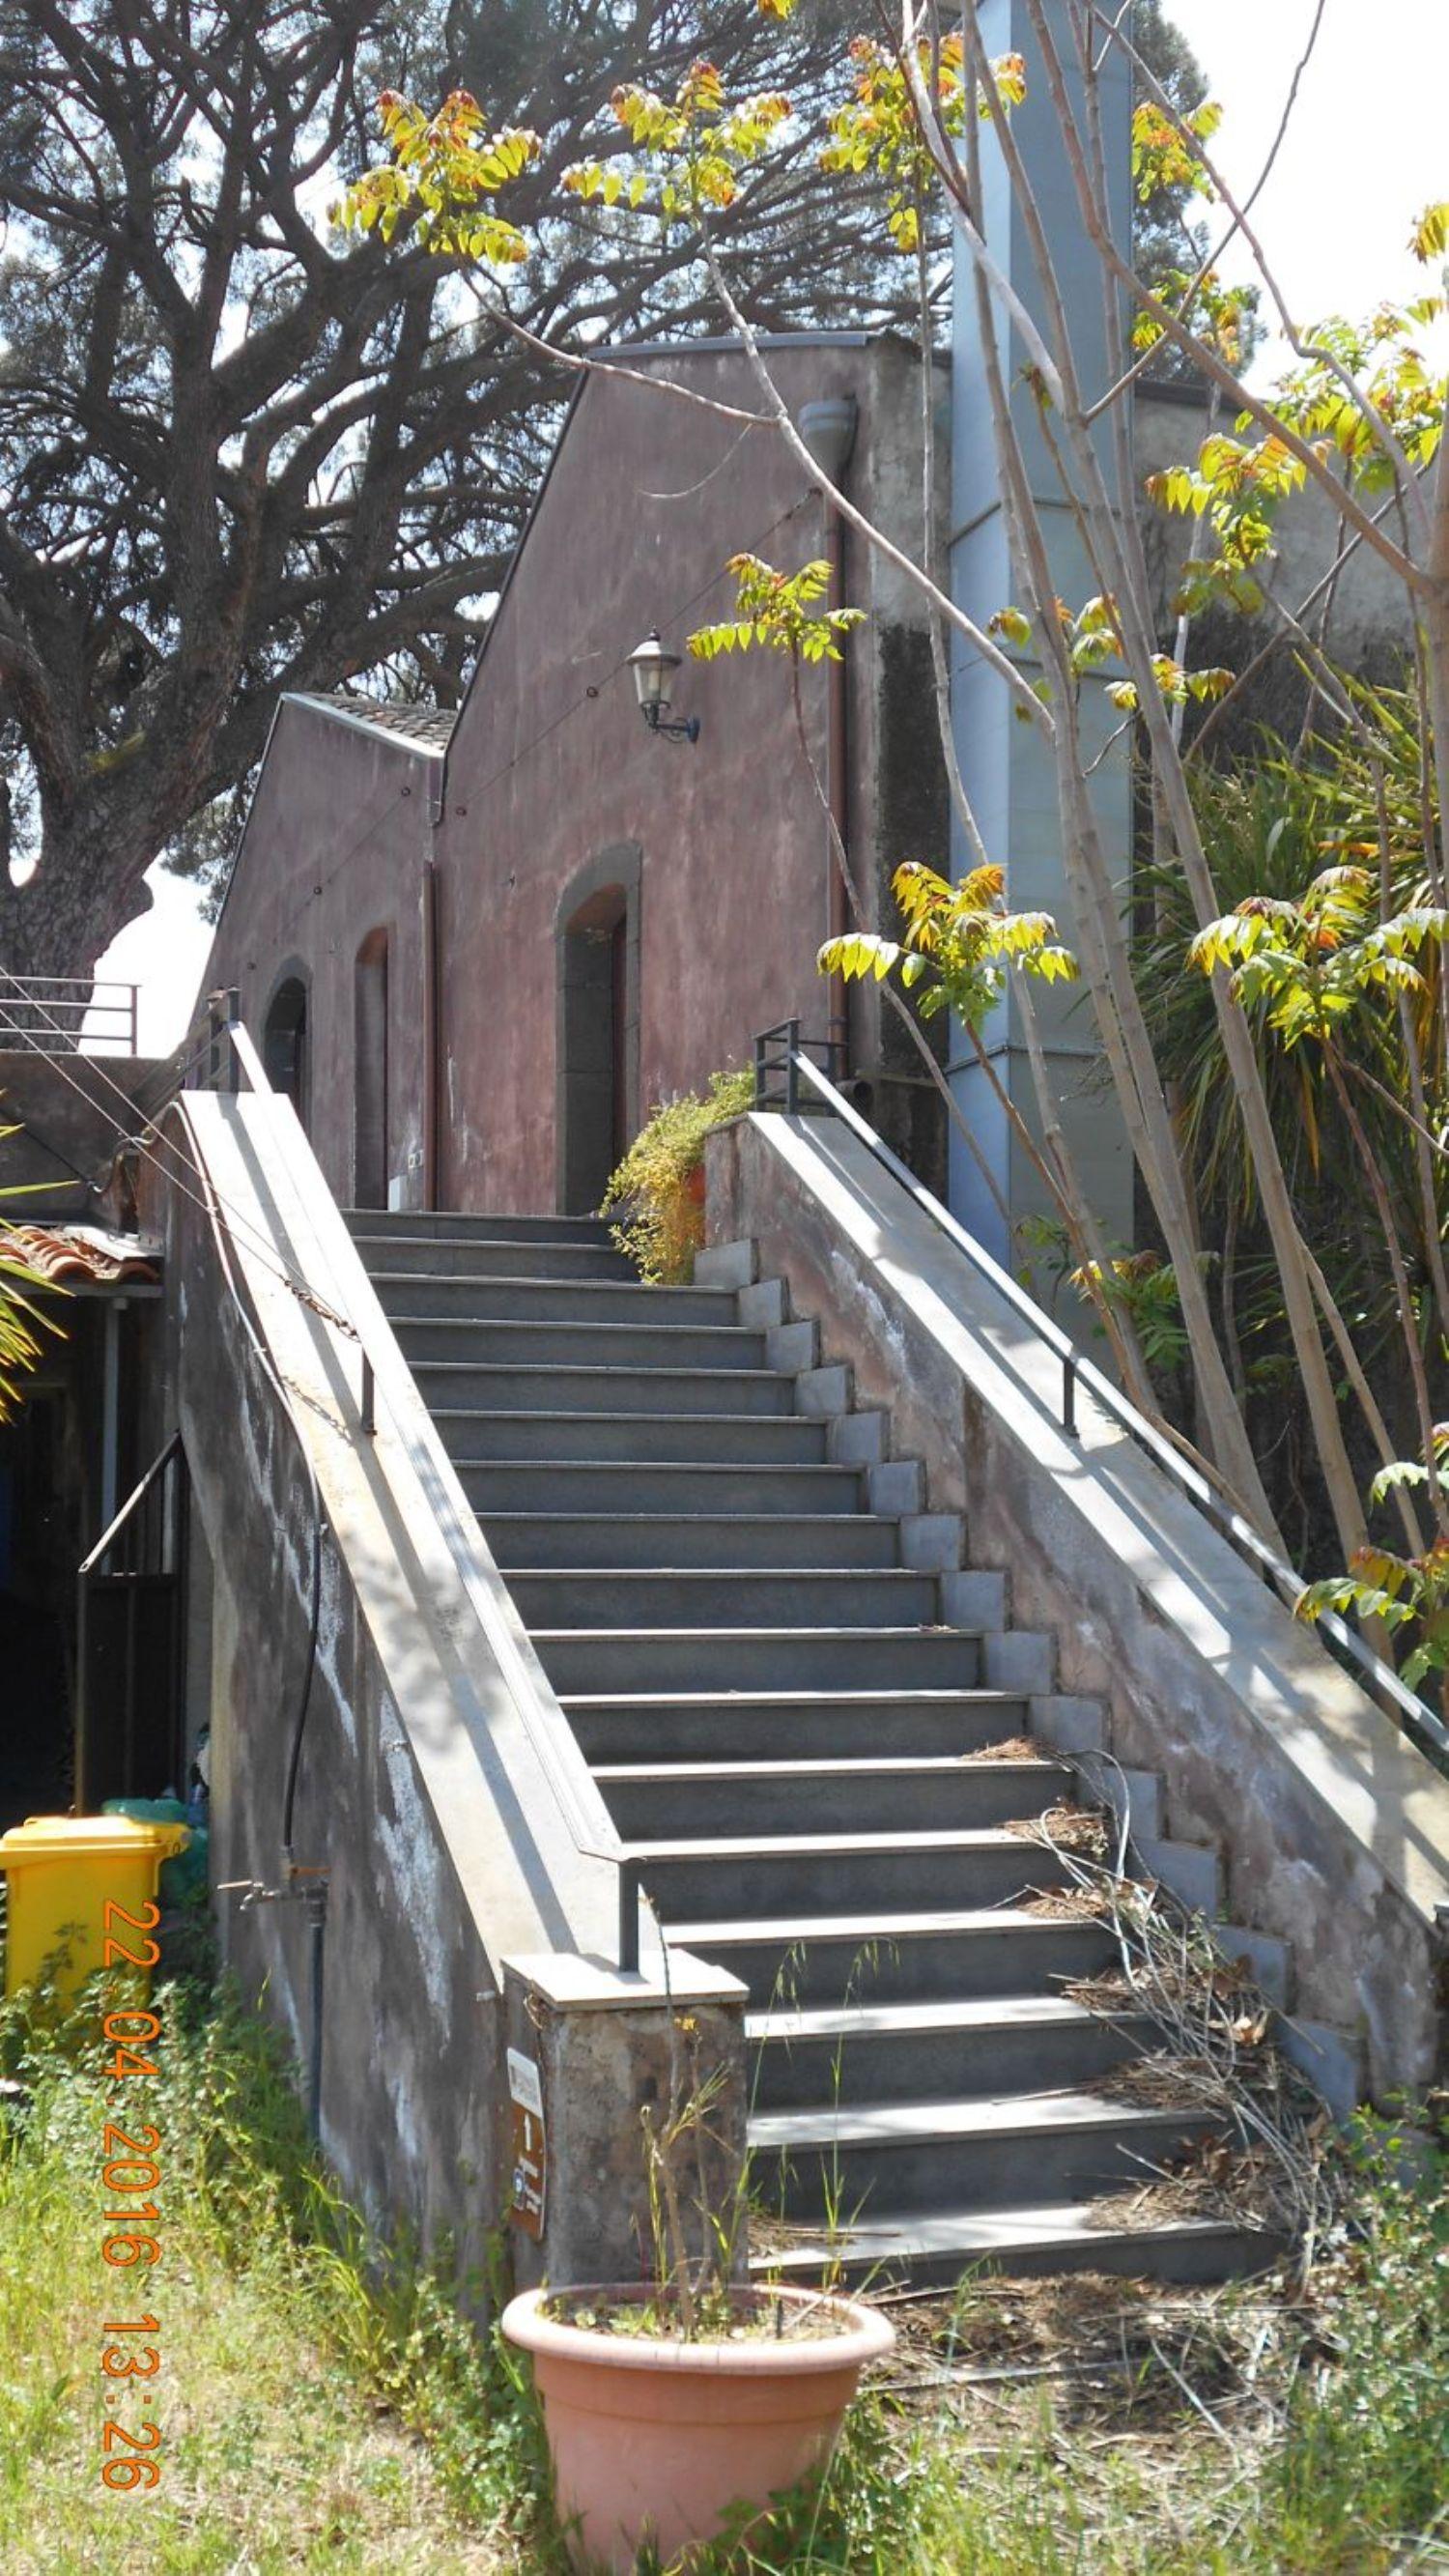 Immobile Commerciale in affitto a Zafferana Etnea, 9999 locali, prezzo € 6.000 | Cambio Casa.it